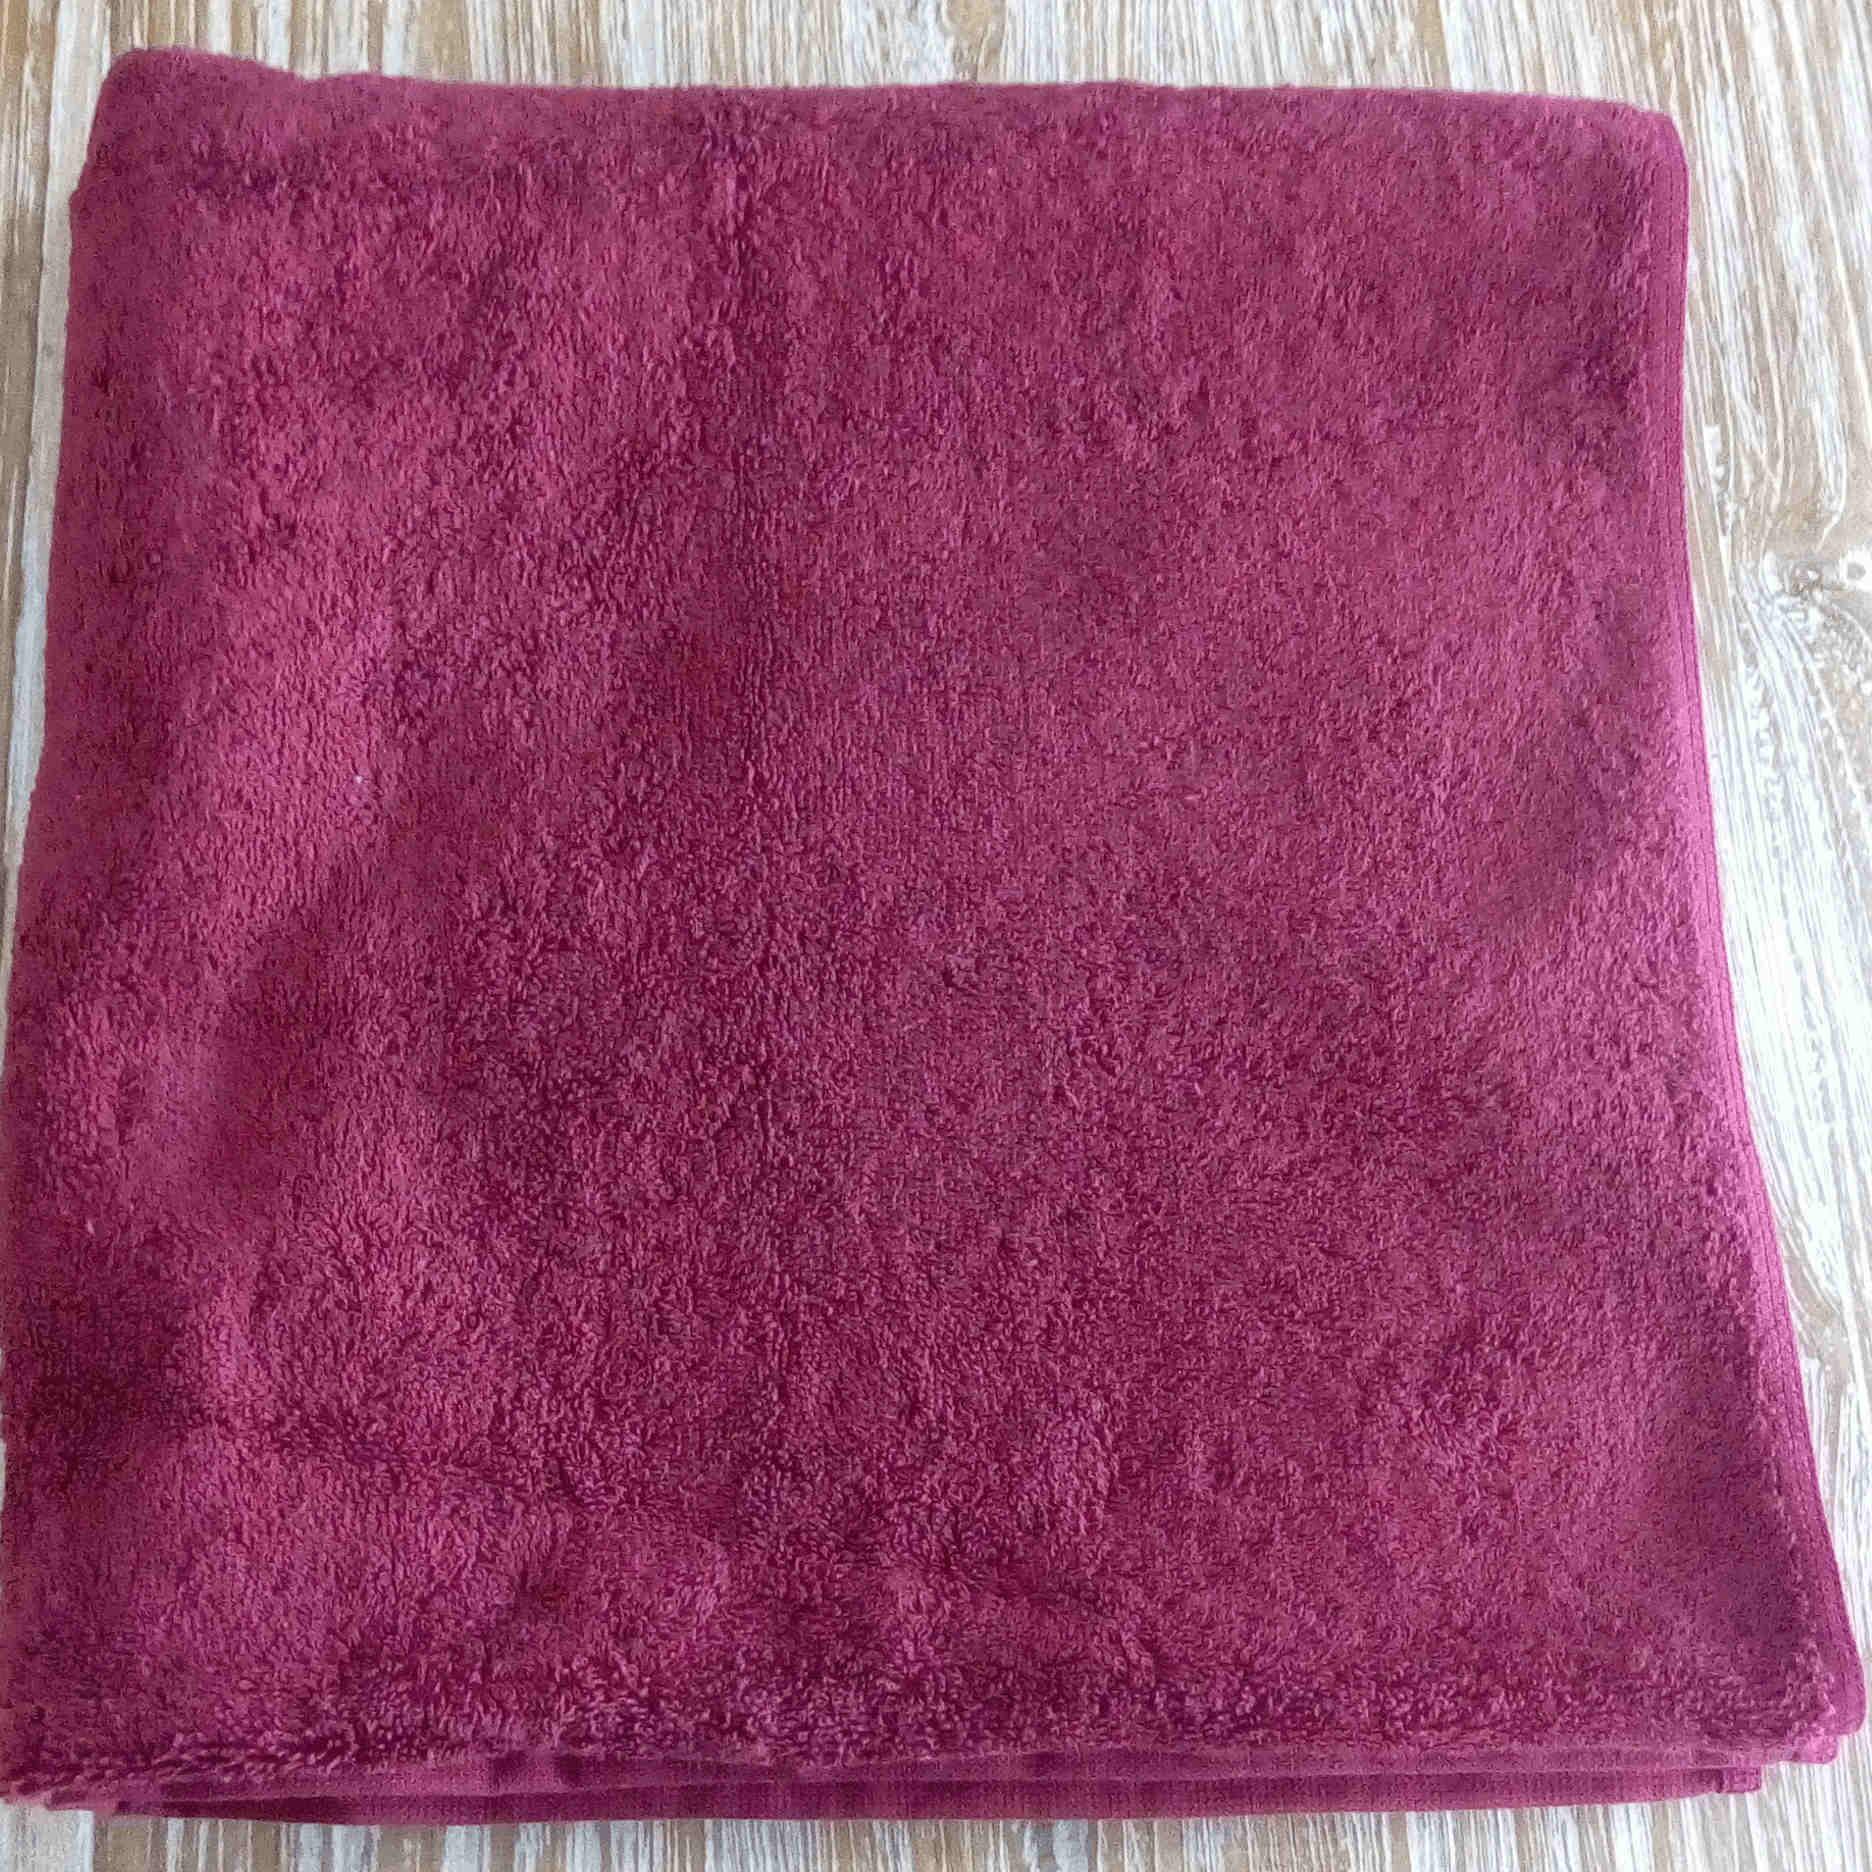 Bath Towel - Maroon - BaliOz